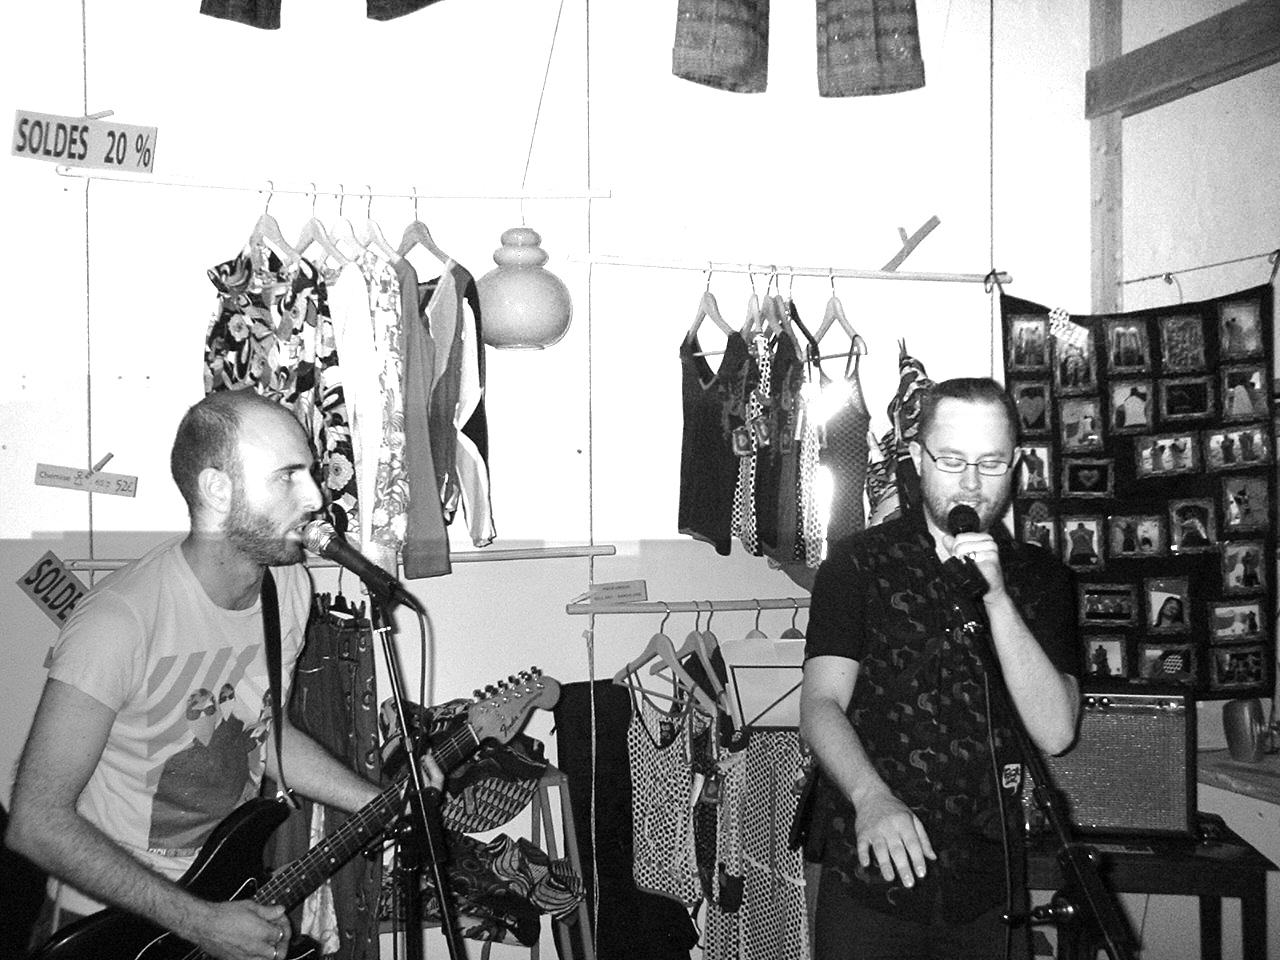 Concert improvisé dans une boutique à Marseille, cours Julien, avec Frédéric Nevchehirlian et Jürg Halter (2008).